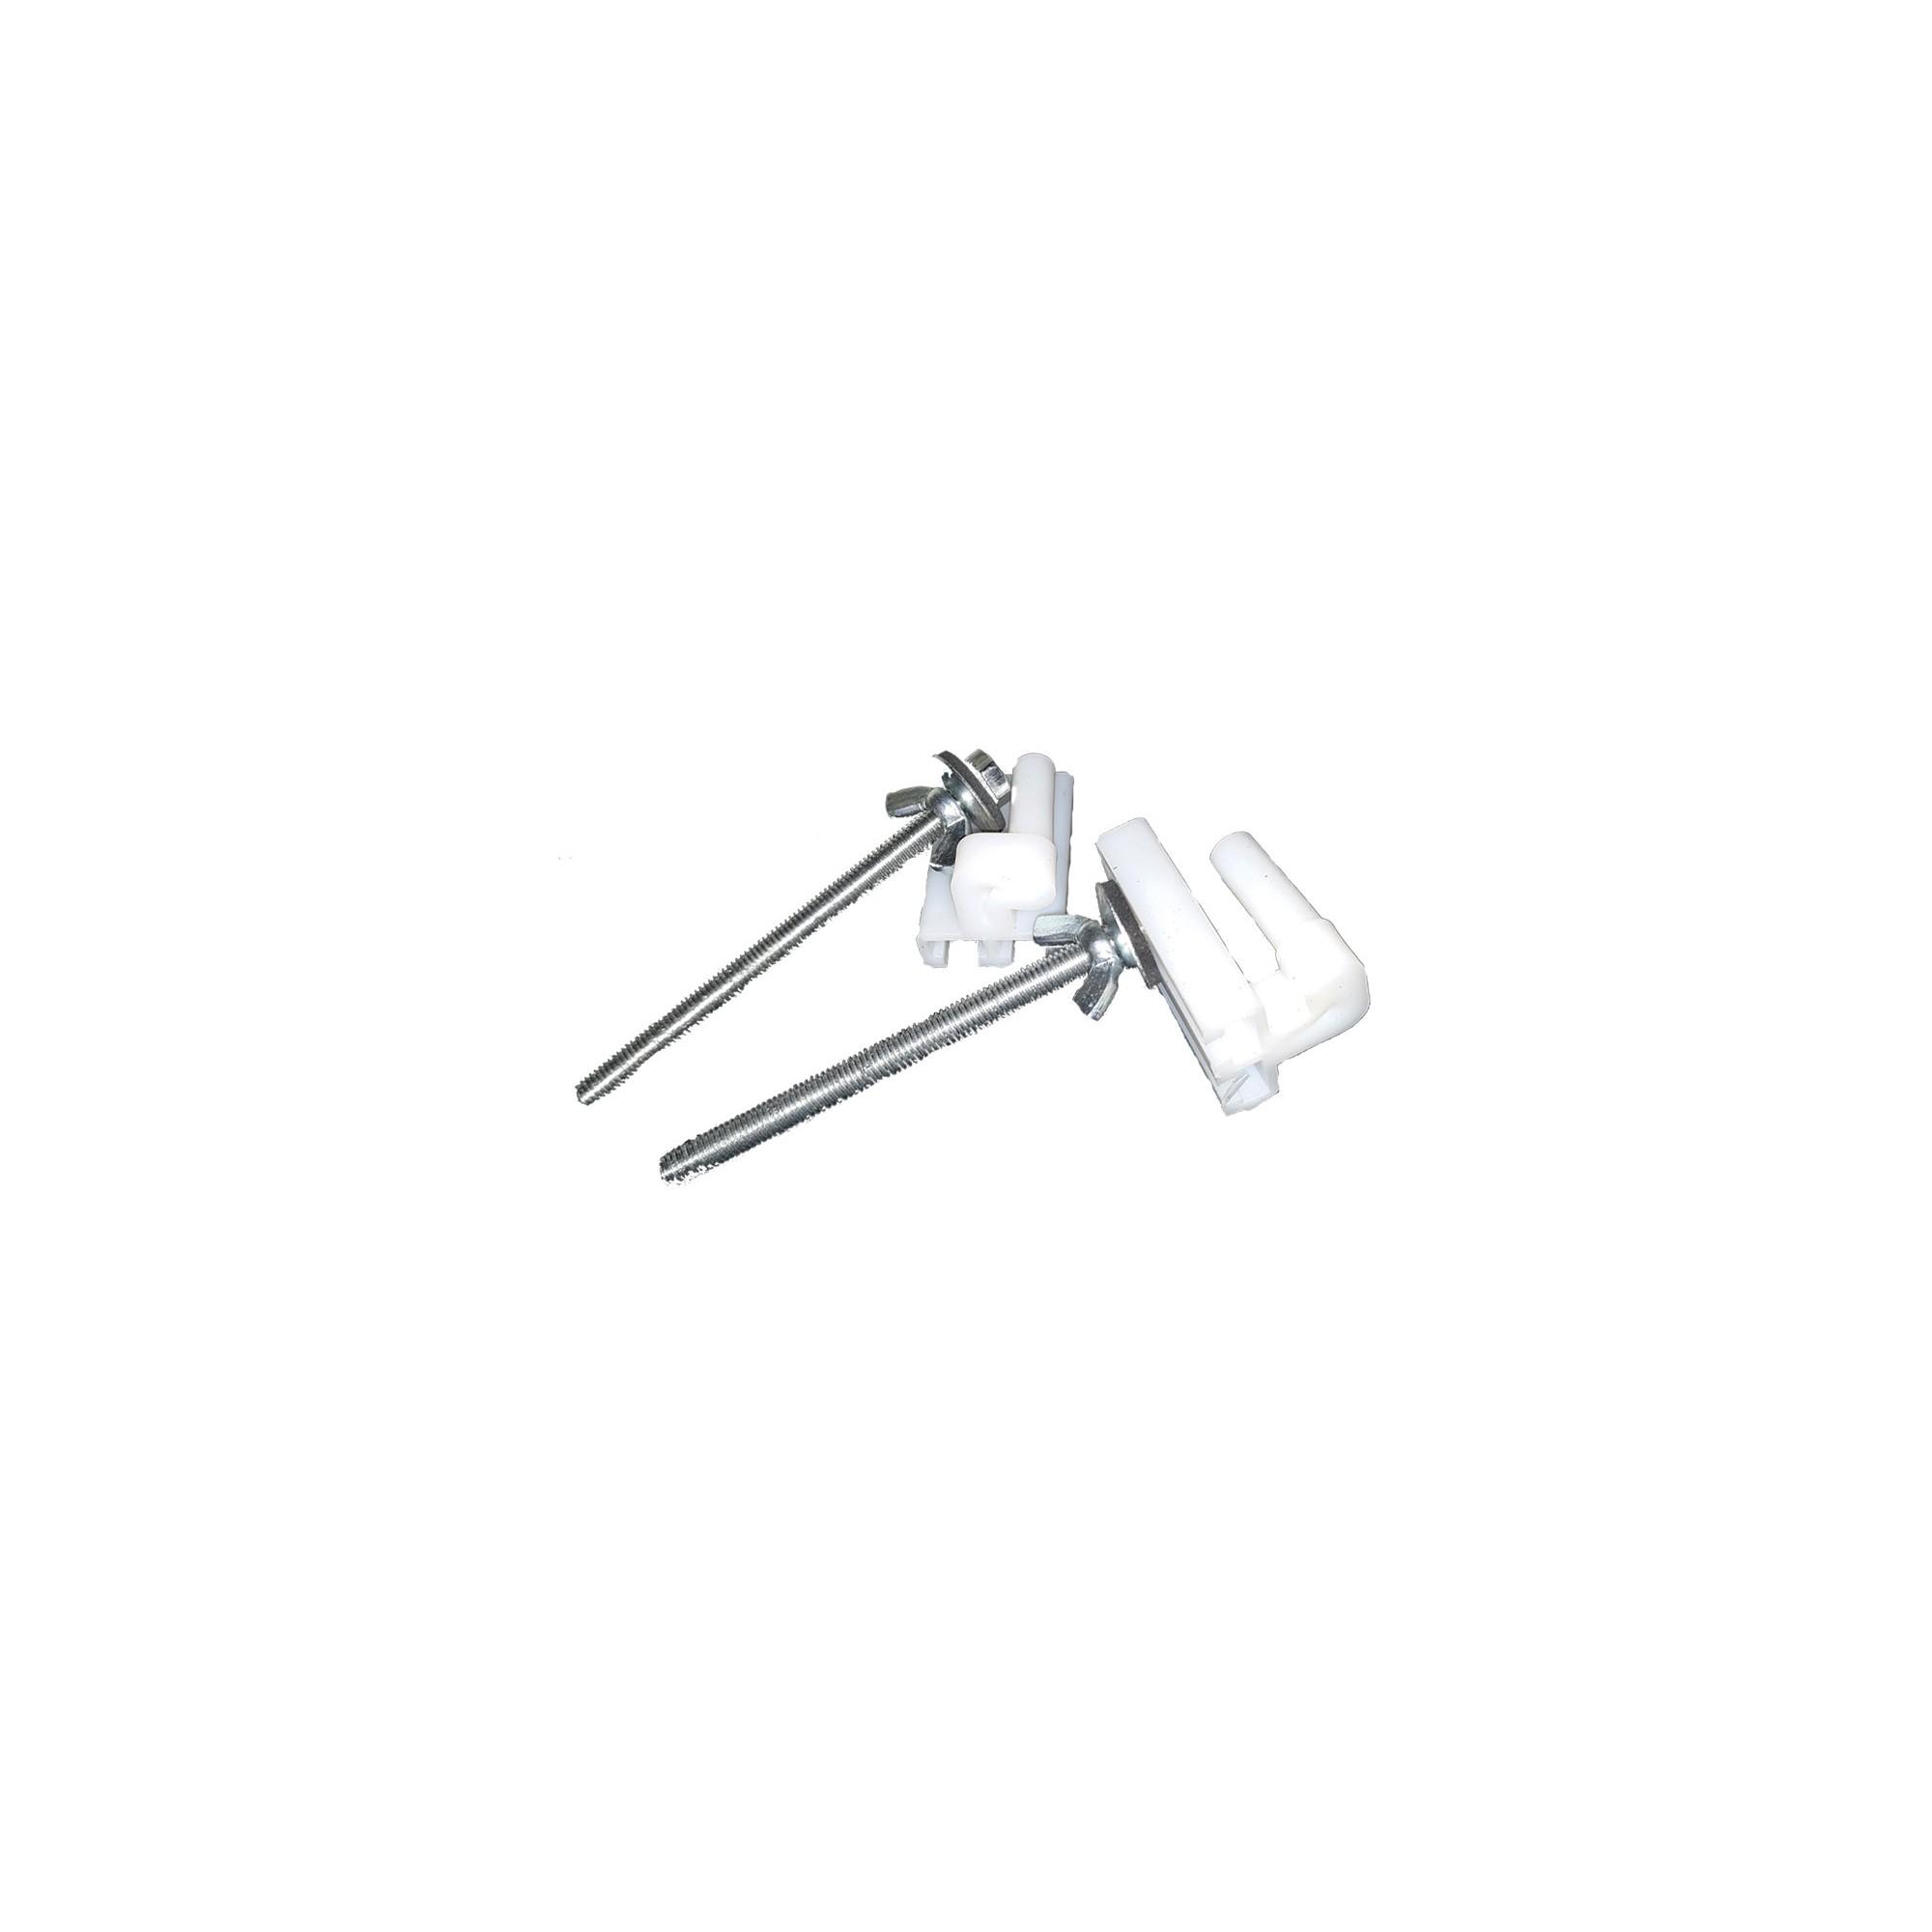 Крепление крышки унитаза с железным болтом (С3) (10шт)  - 1